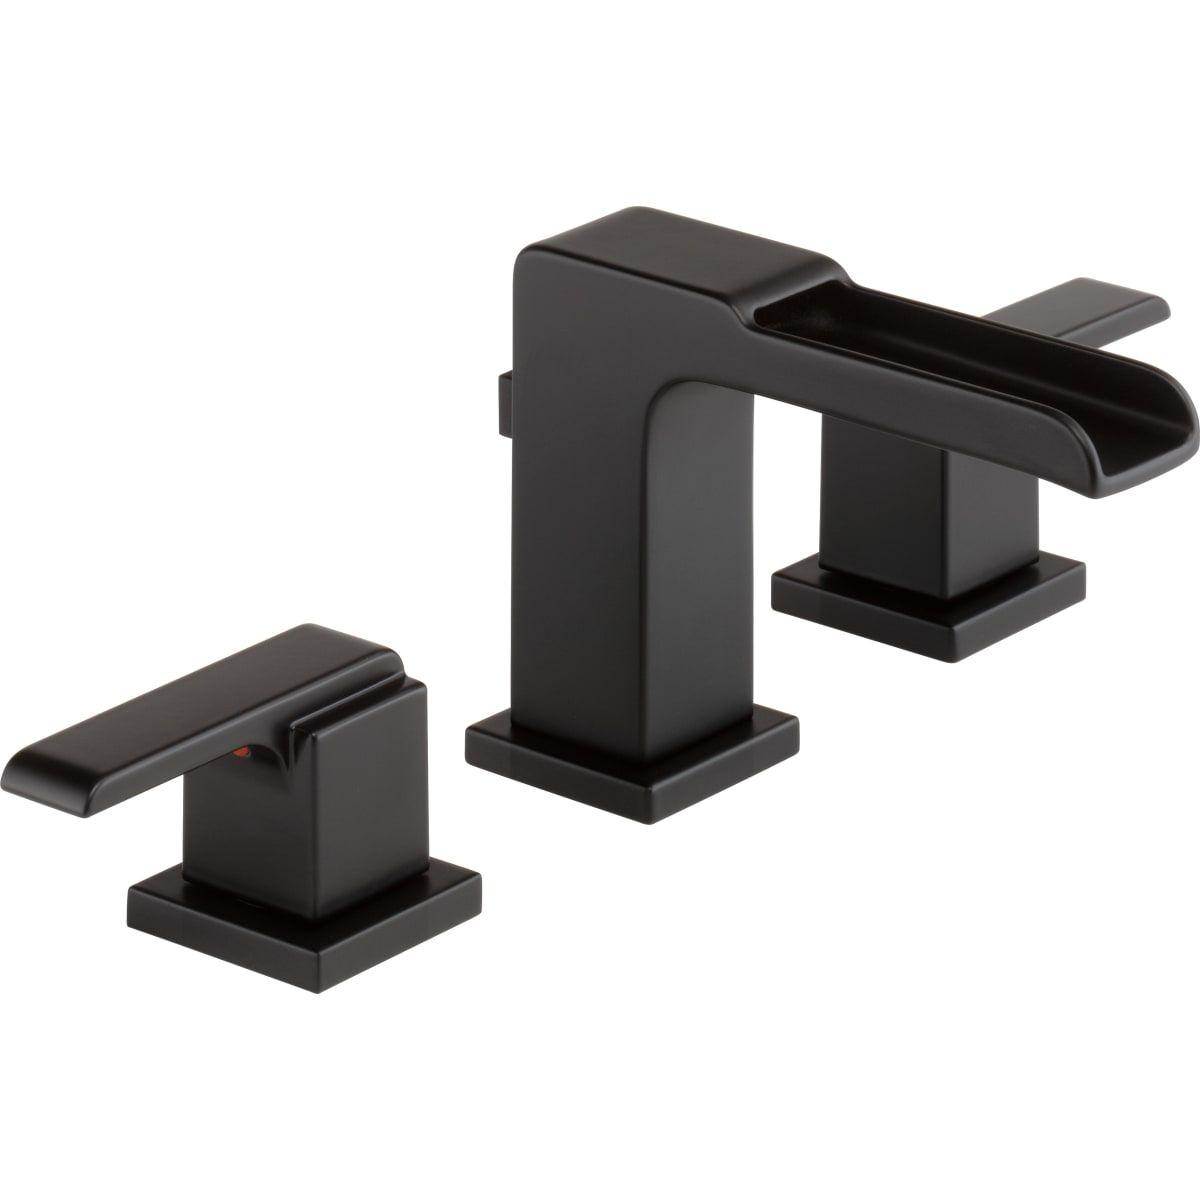 Delta 3568lf Mpu Build Com Delta Faucets Bathroom Faucets Bathroom Faucets Waterfall [ 1200 x 1200 Pixel ]